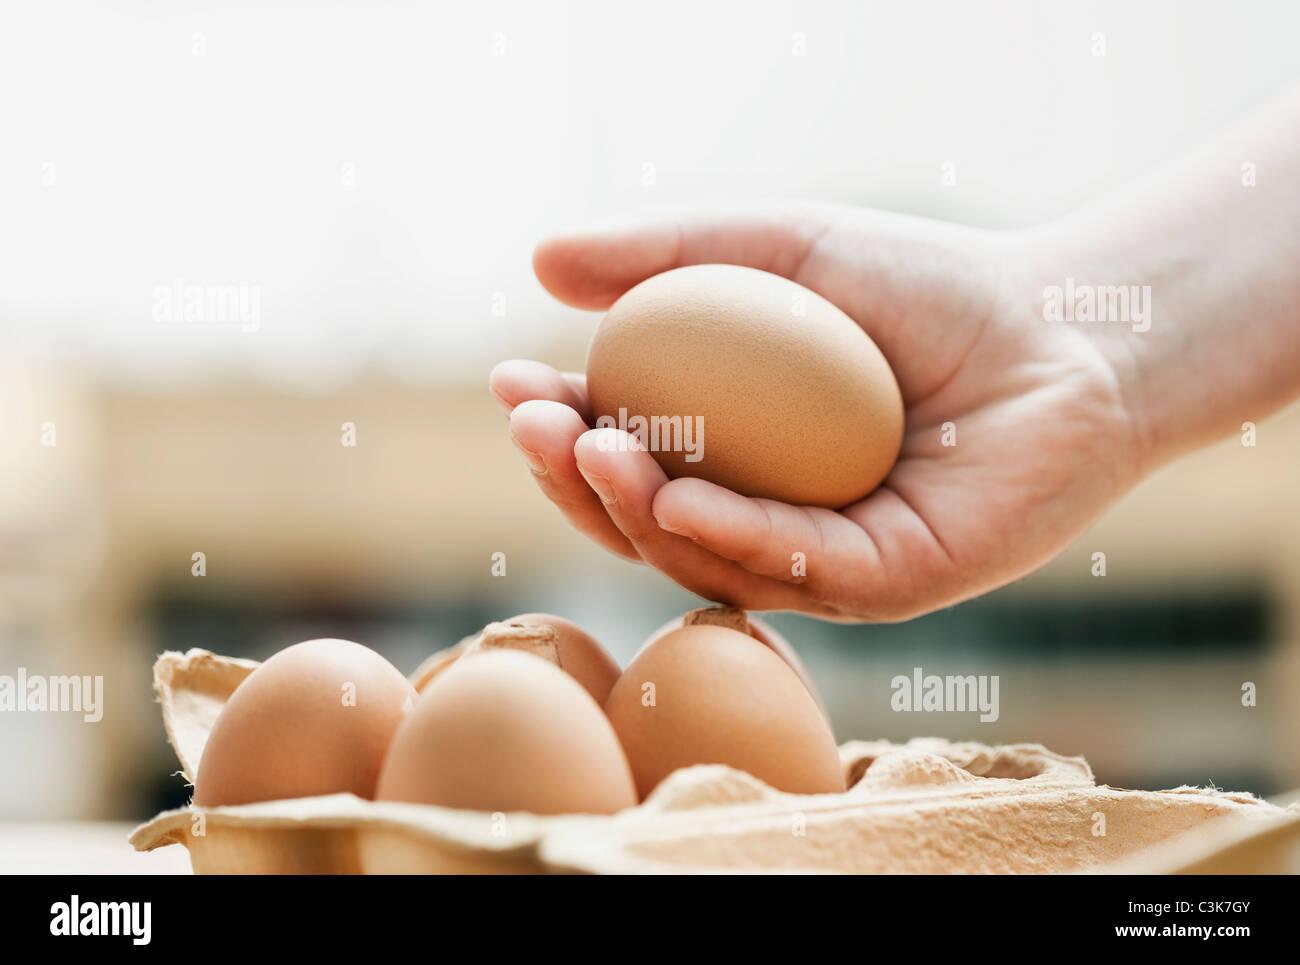 Deutschland, Köln, menschliche Hand mit Eiern, Nahaufnahme Stockbild